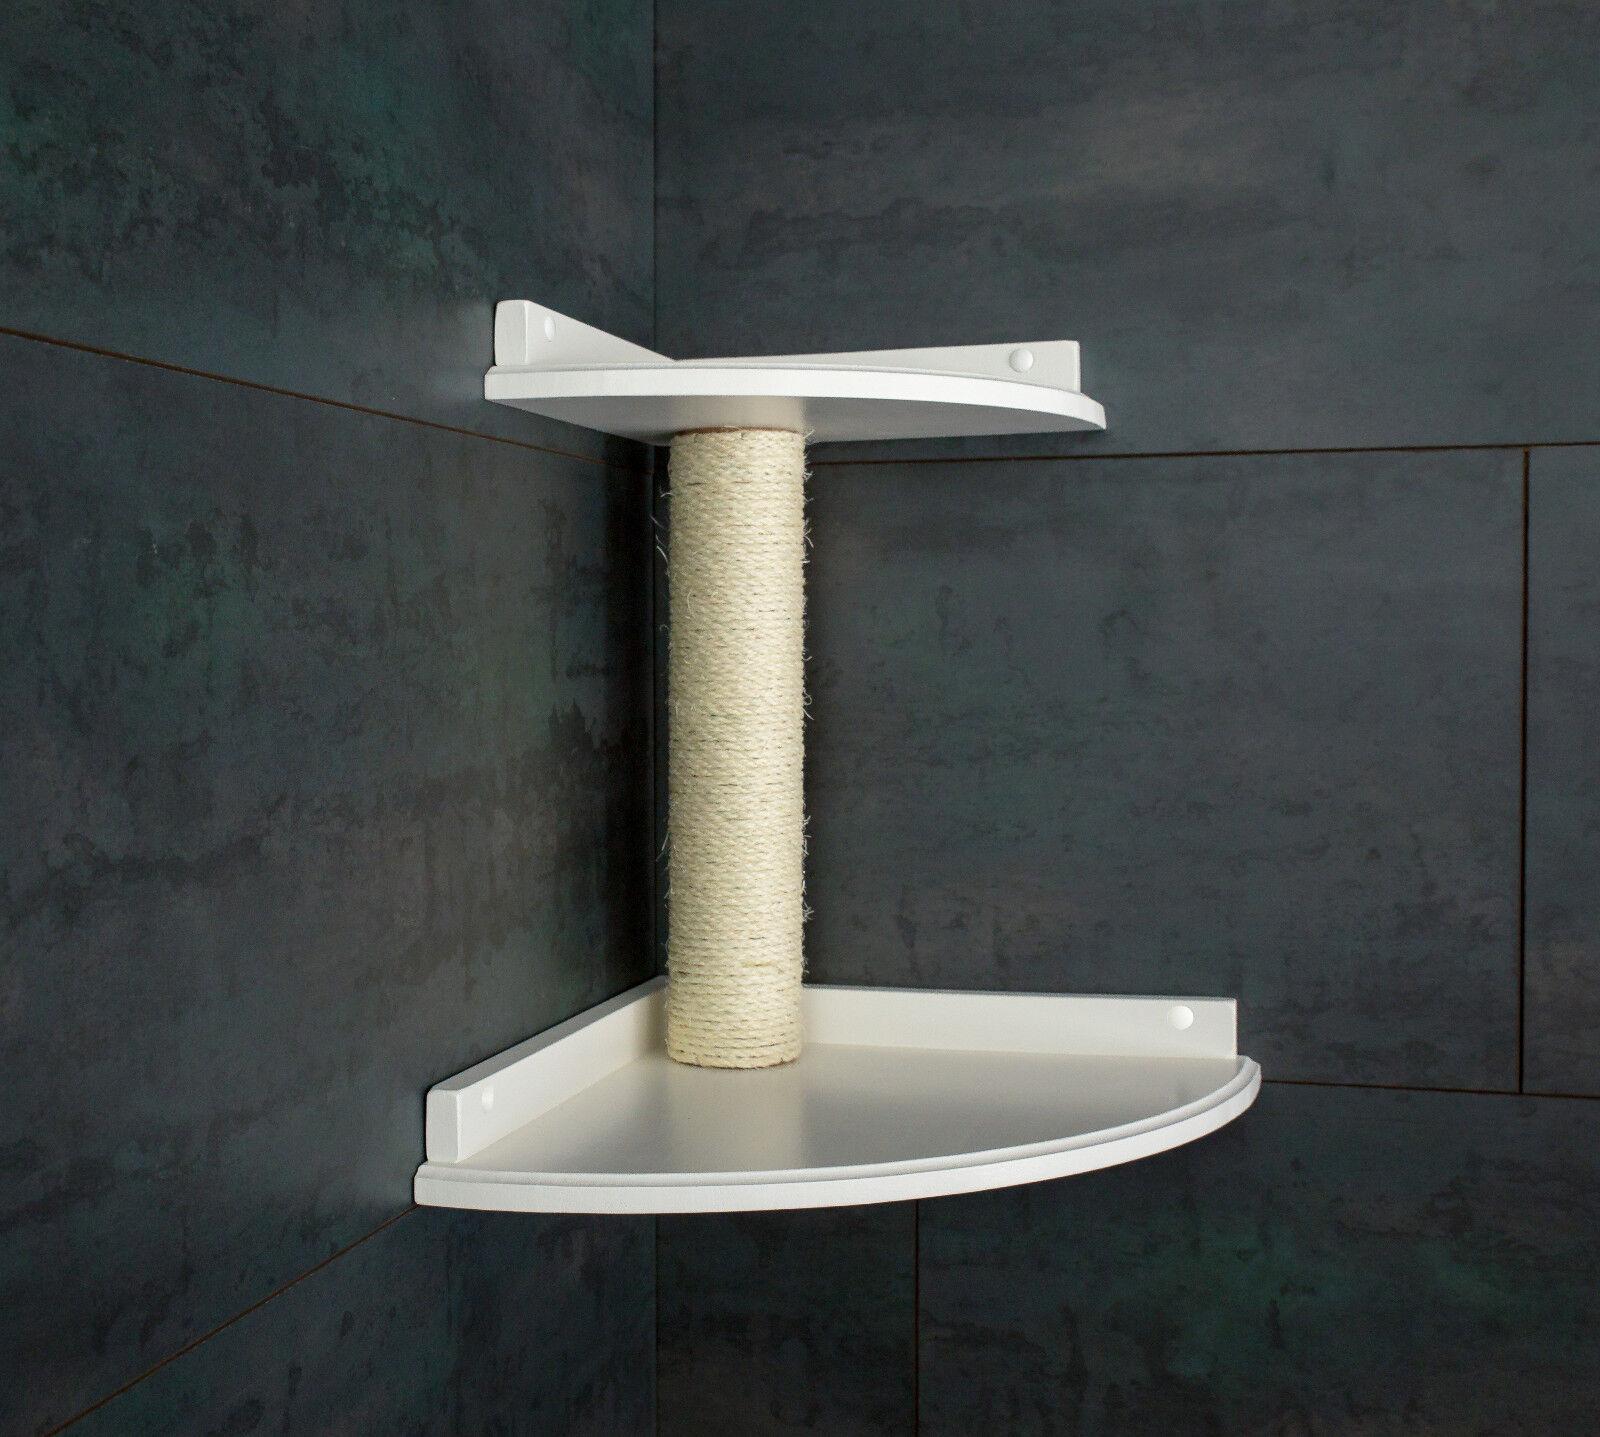 ALBERO tiragraffi albero gatti mobili muro Brett  doppio angolo  BIANCO LACCATO. Sisal radice (2f)